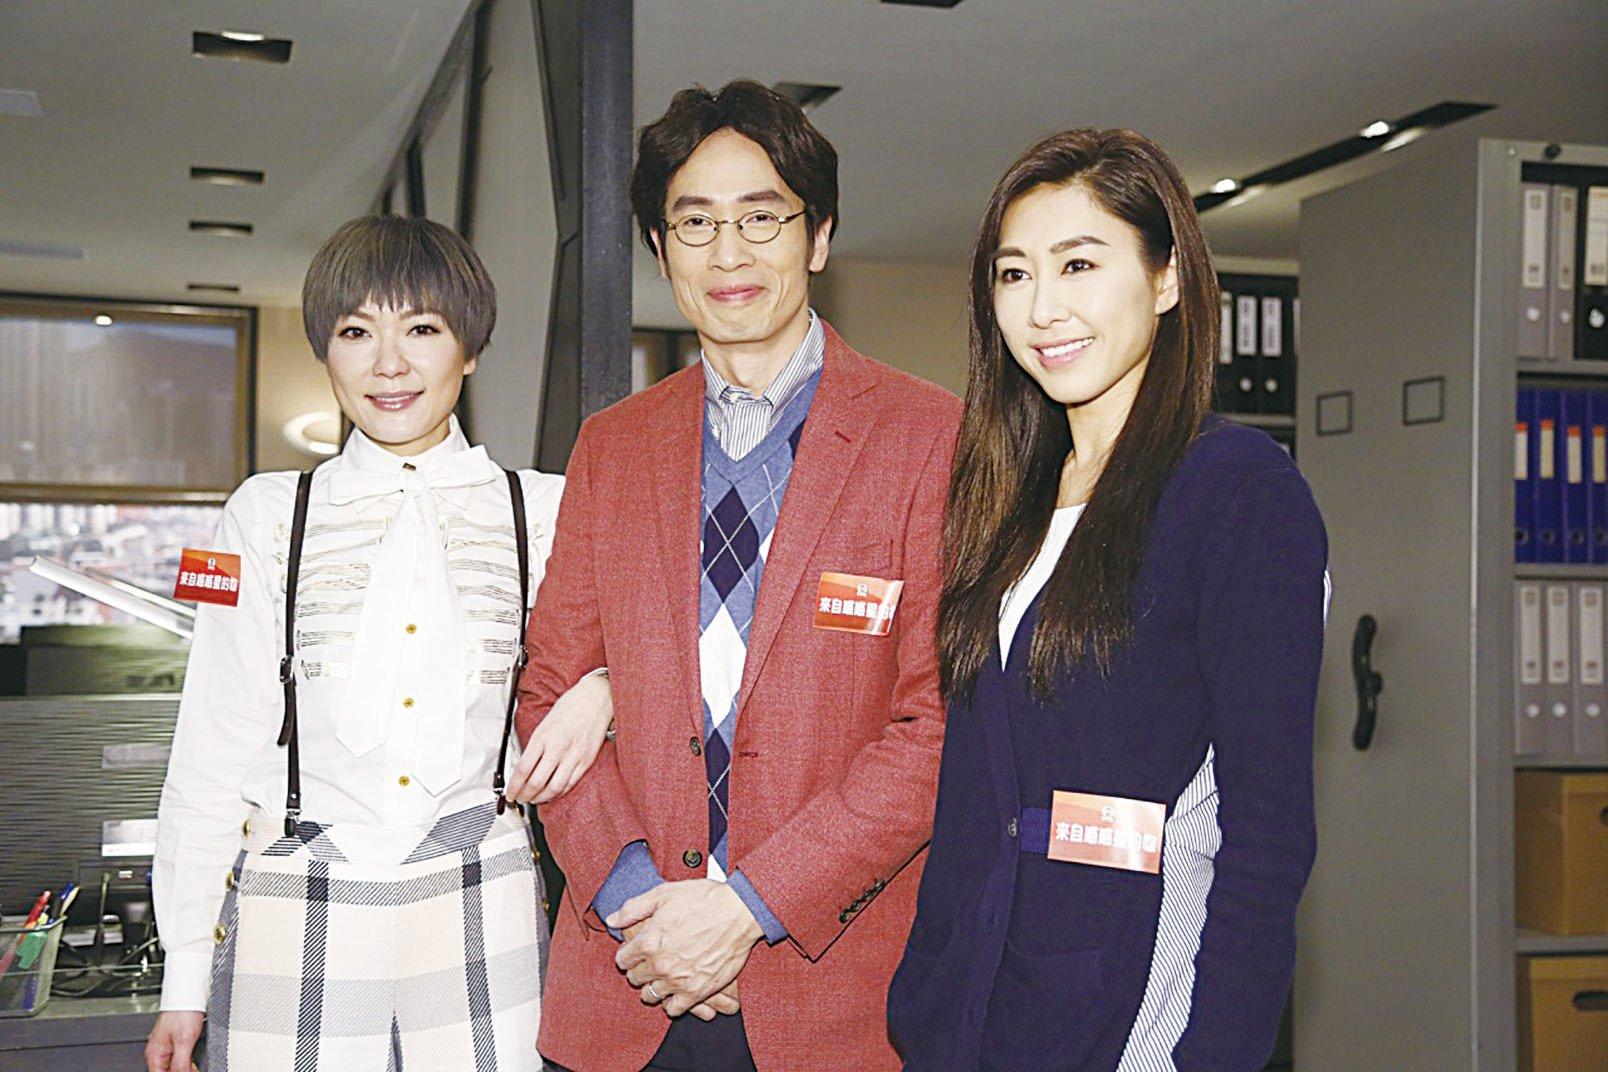 《來自喵喵星的你》三位演員陳豪、田蕊妮、胡定欣。(網絡圖片)